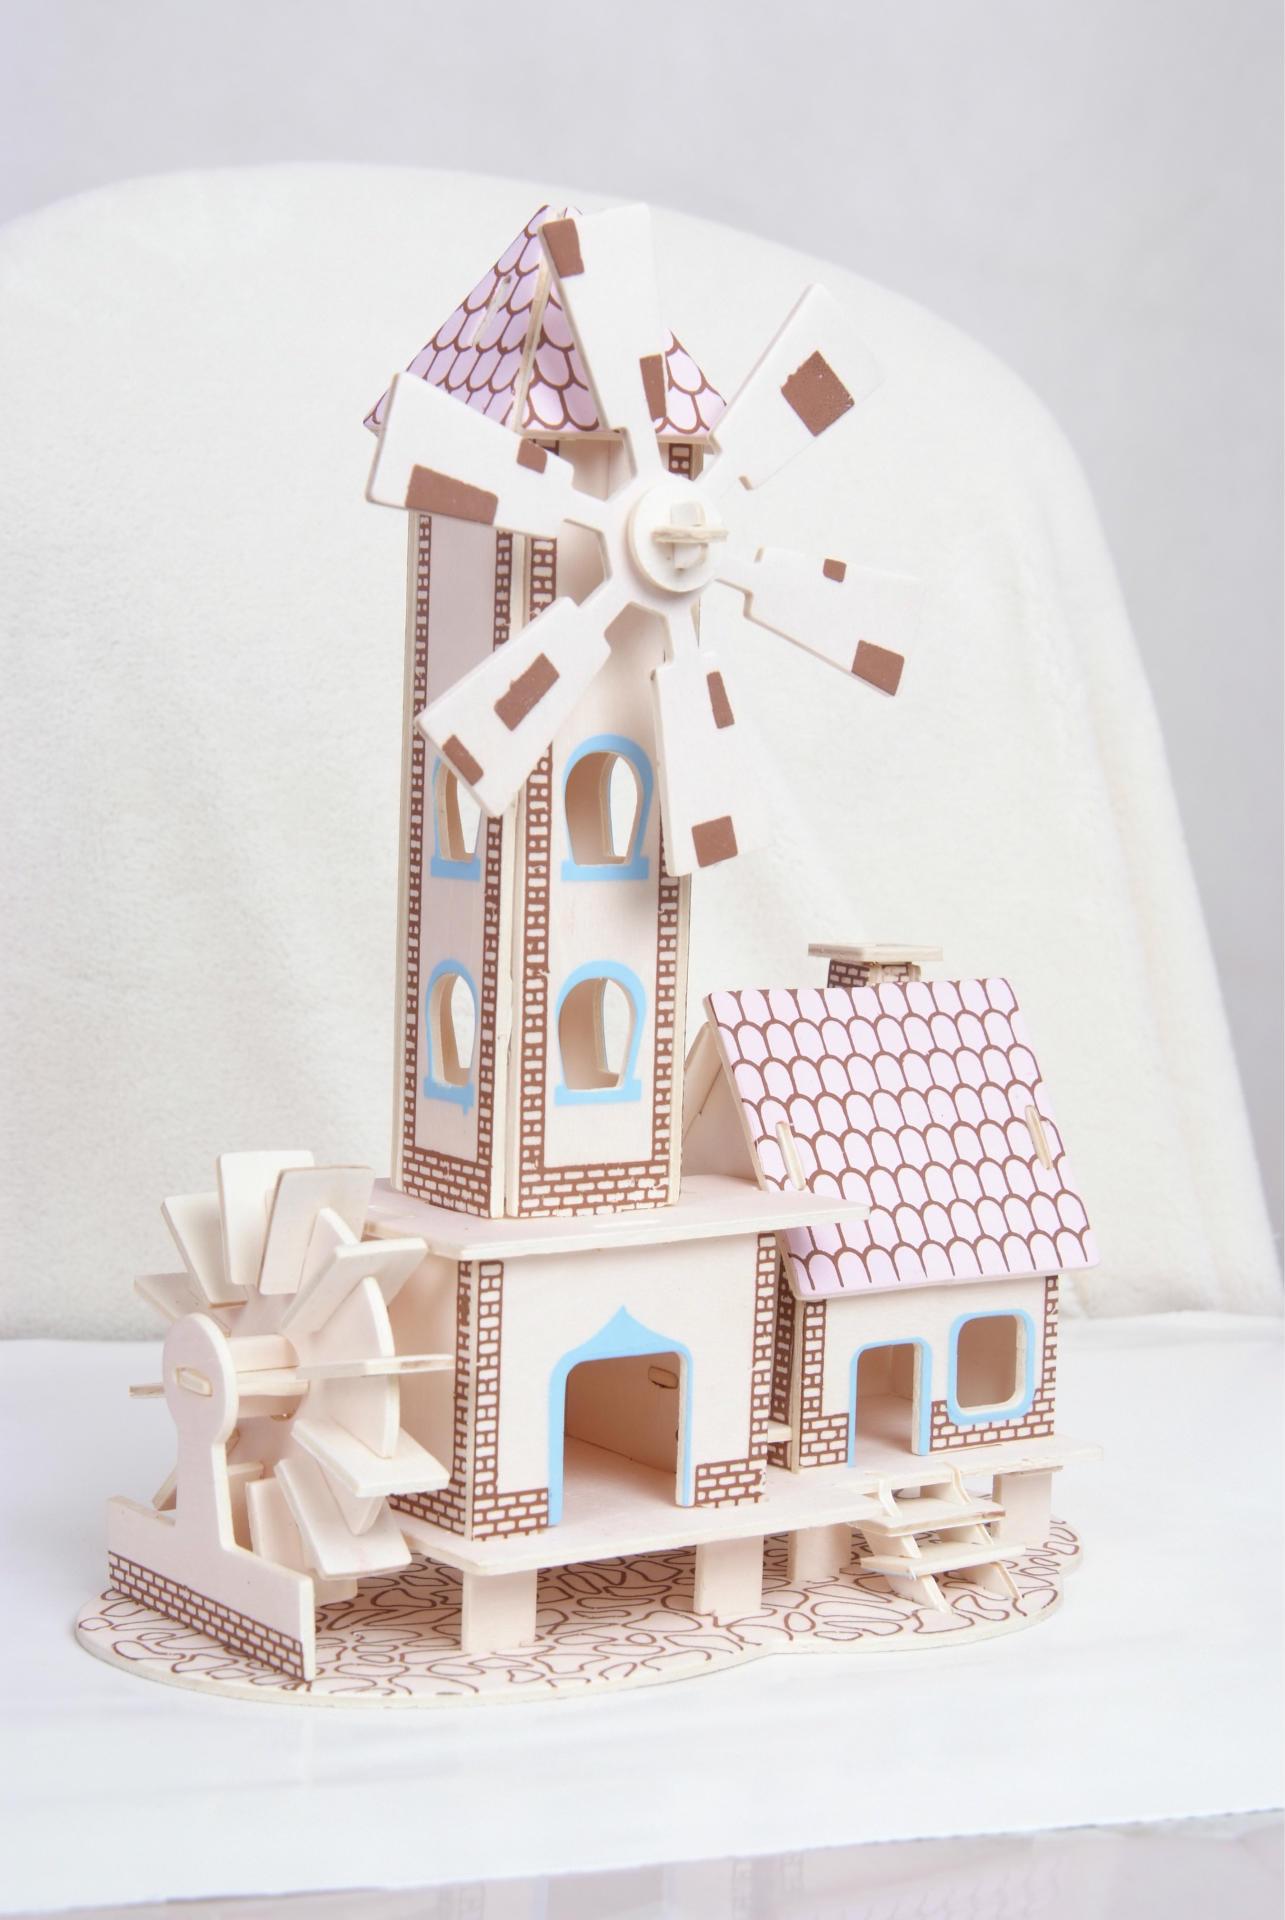 拼图 拼板 幸福小屋 益智儿童 3D木质立体拼图 DIY立体拼图 木质拼图